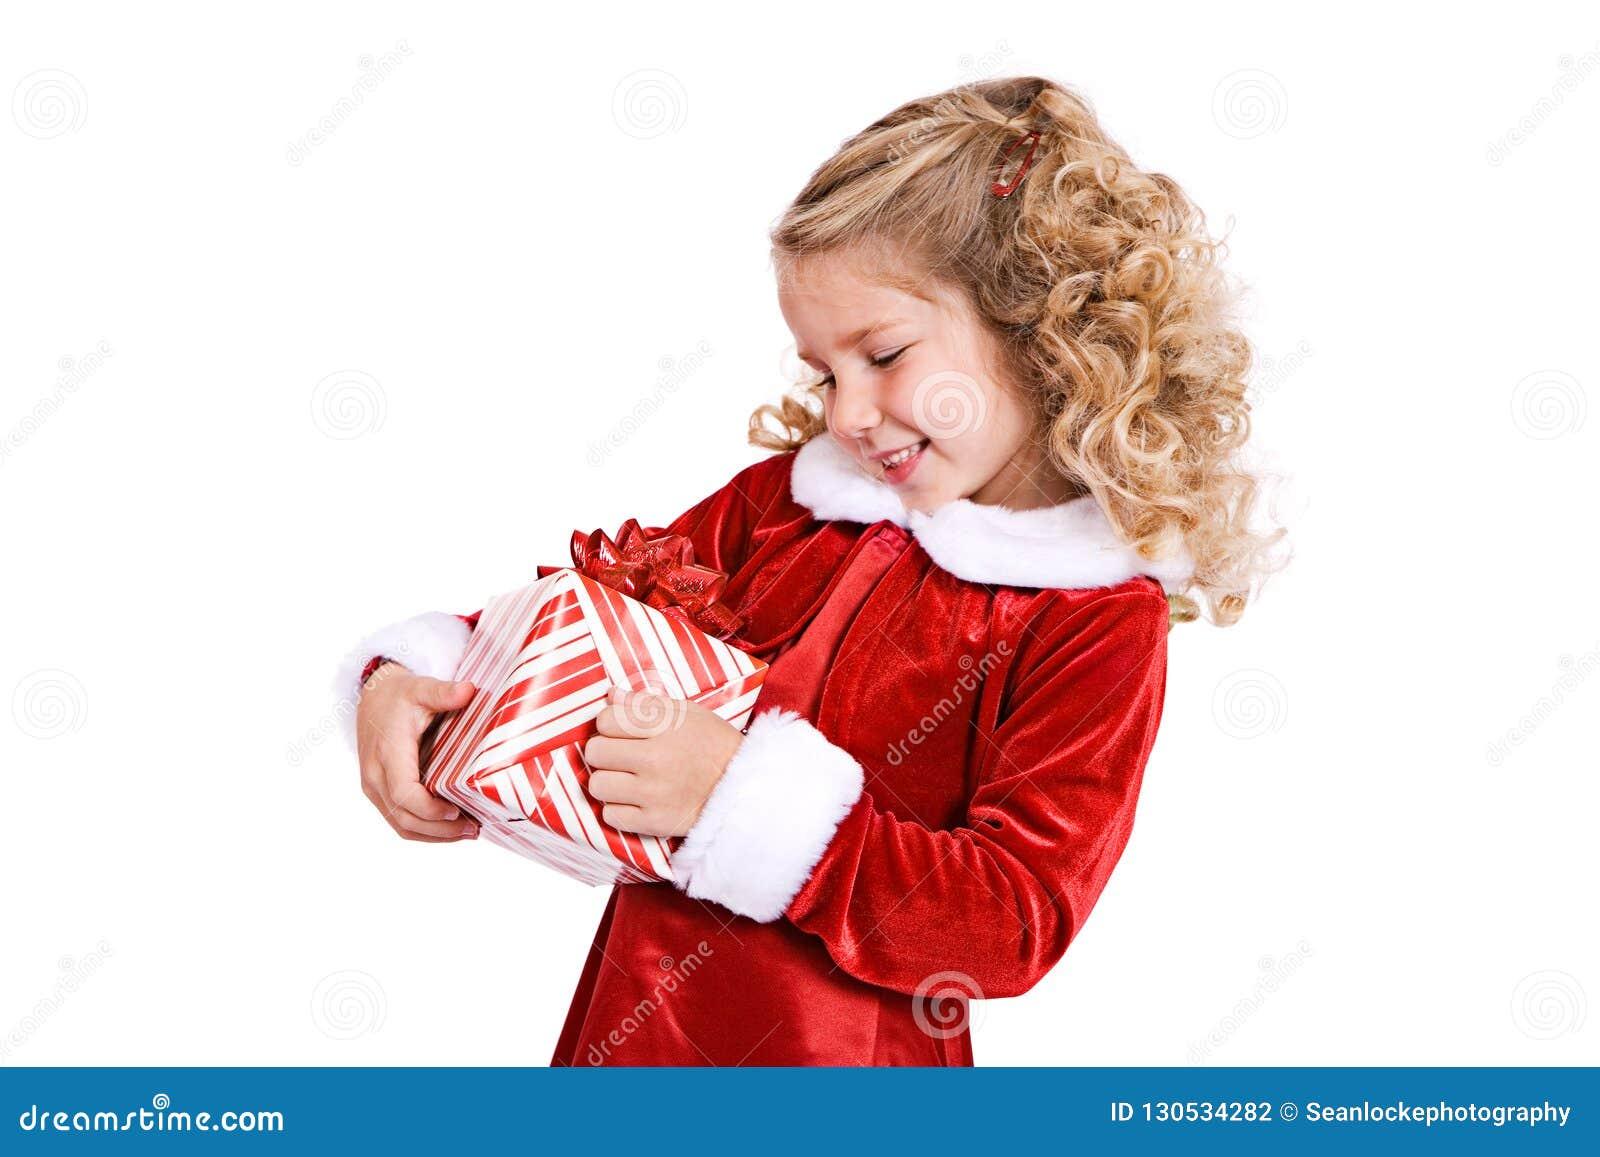 Jul: Lilla flickan startar att packa upp gåvan